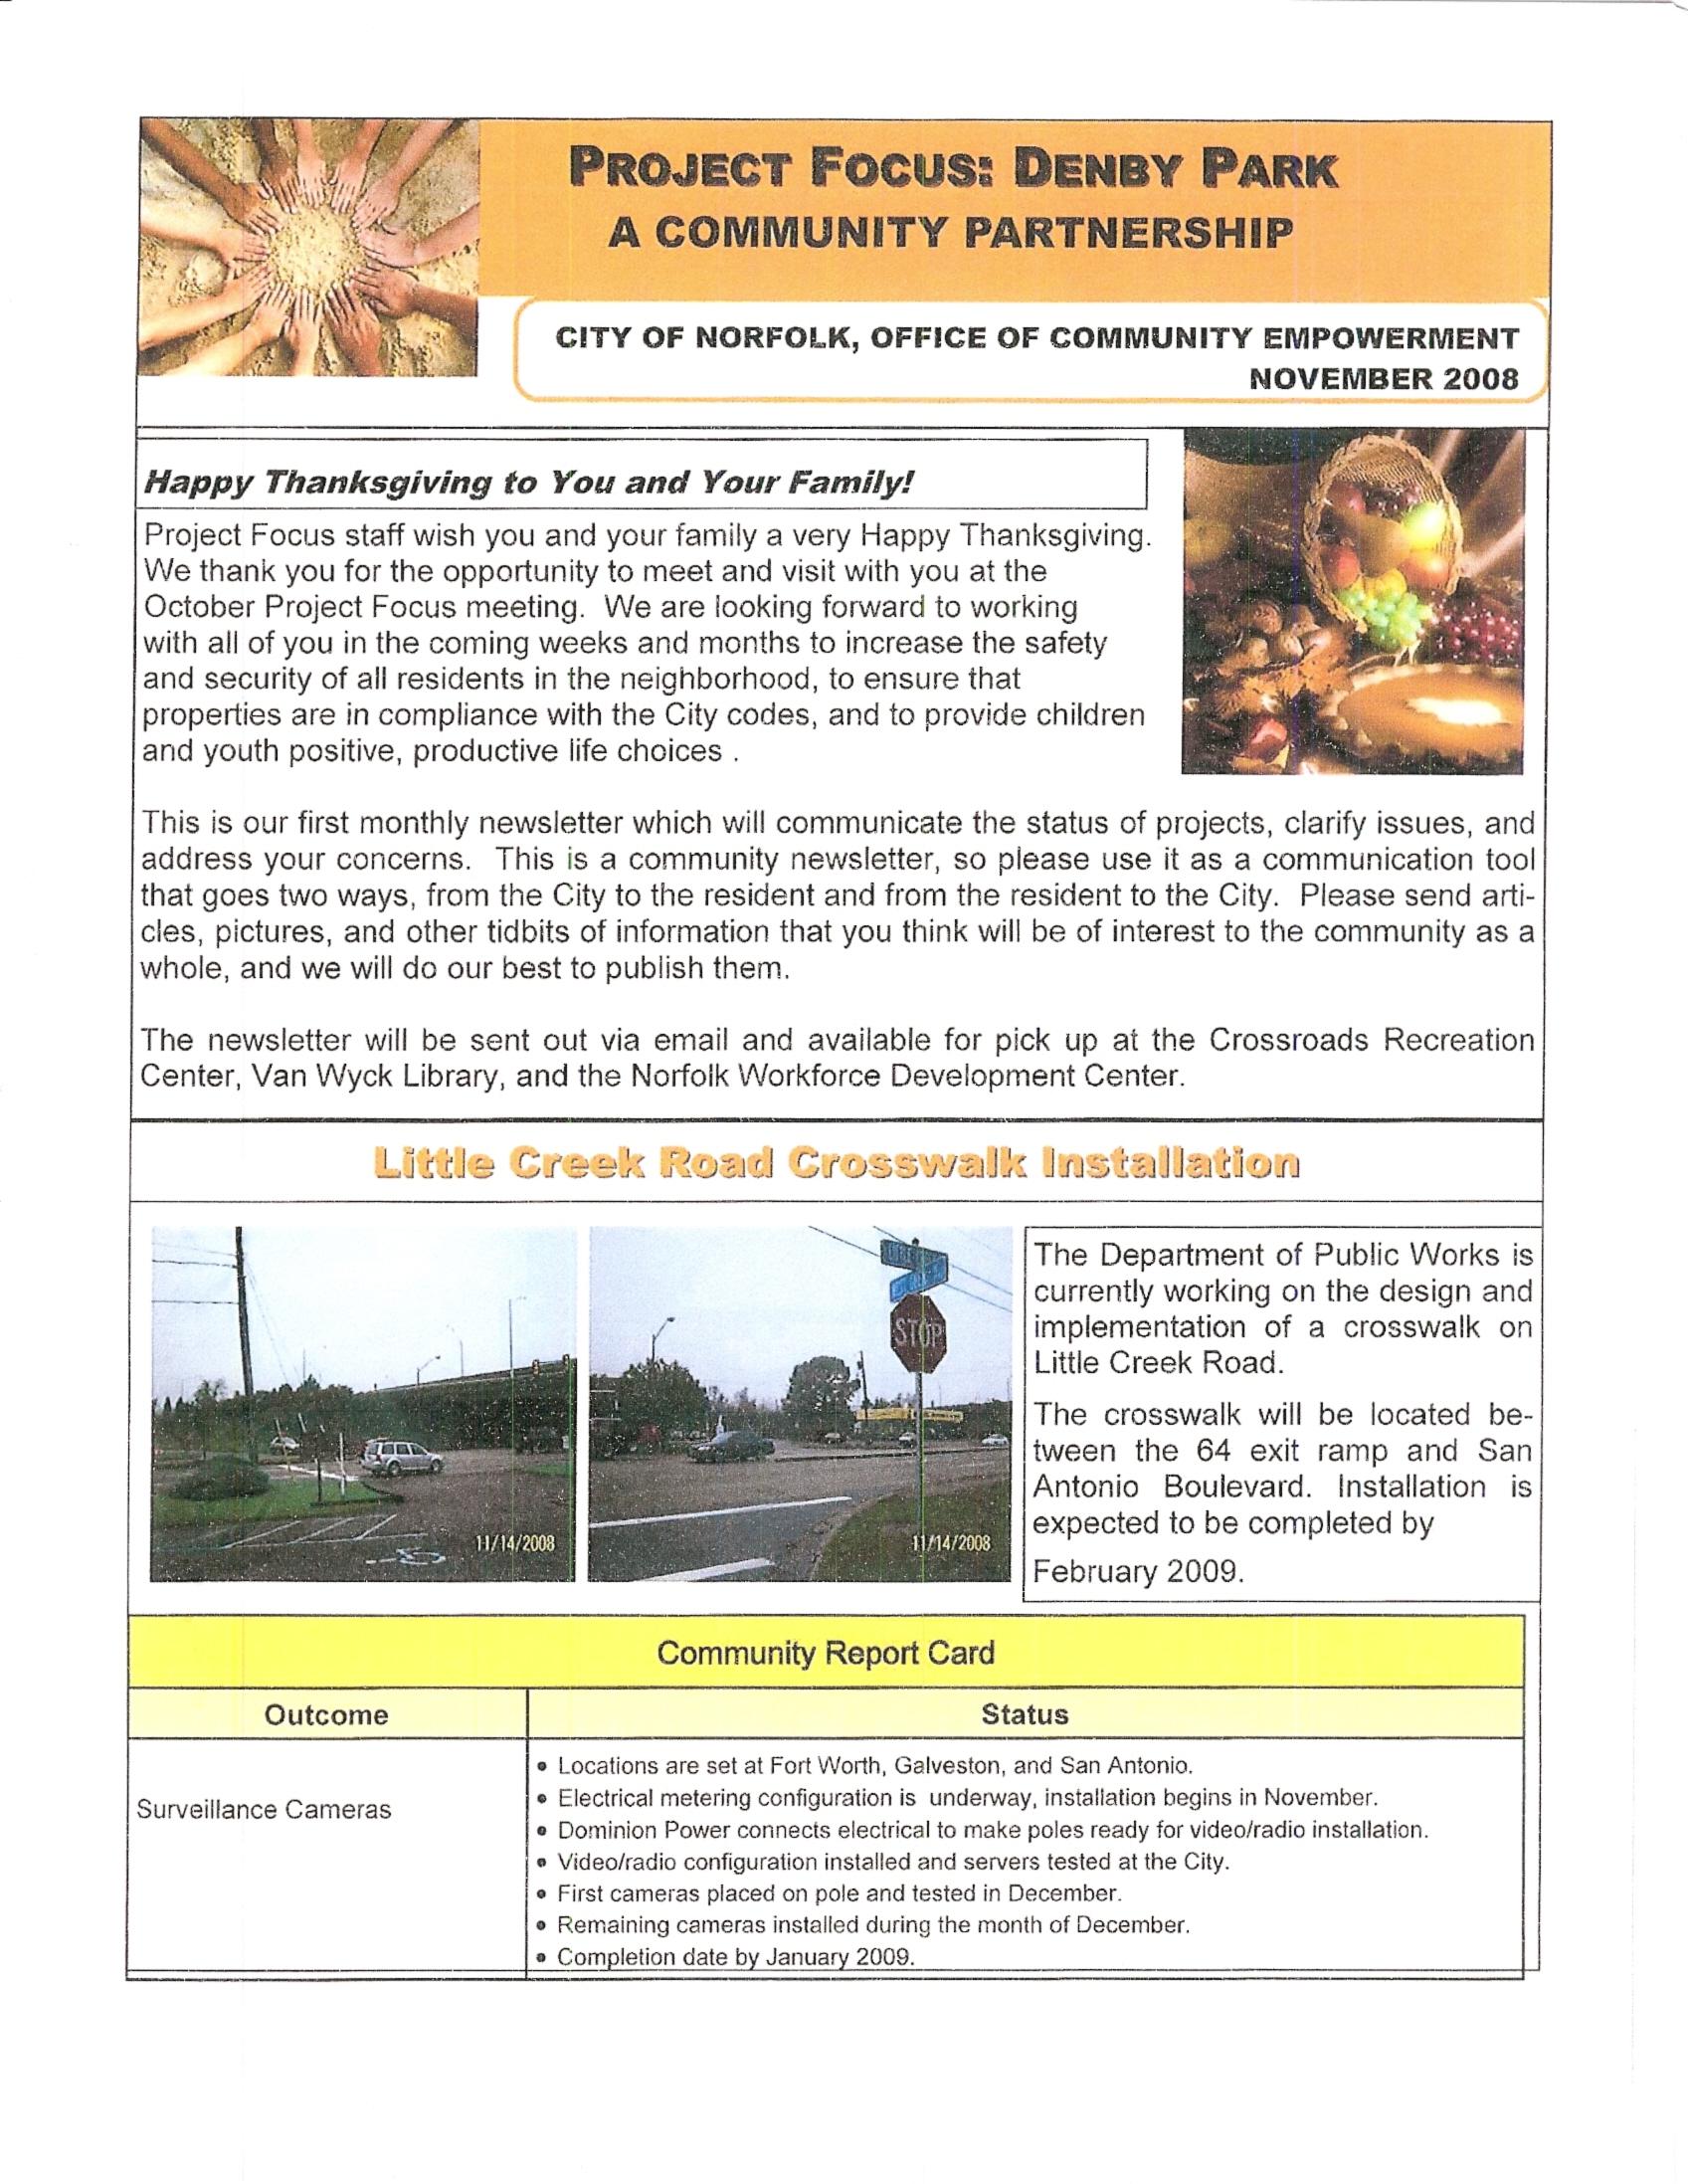 Project Focus Denby Park November Newsletter pg.1